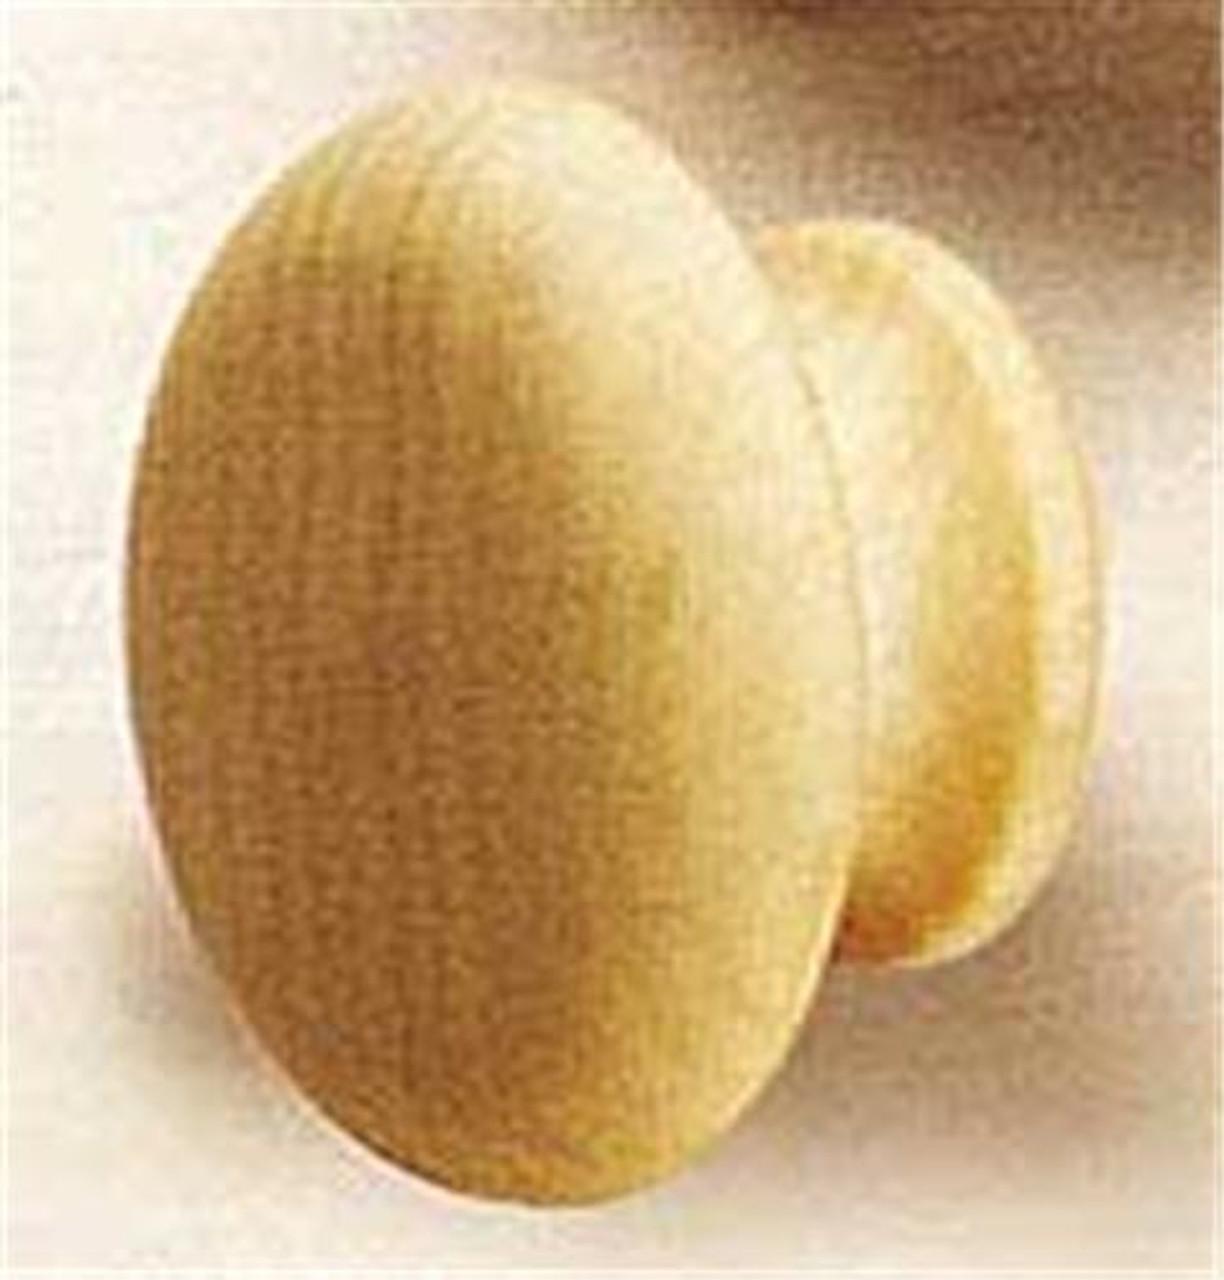 Cherry Tree Toys 1 Mushroom Knobs